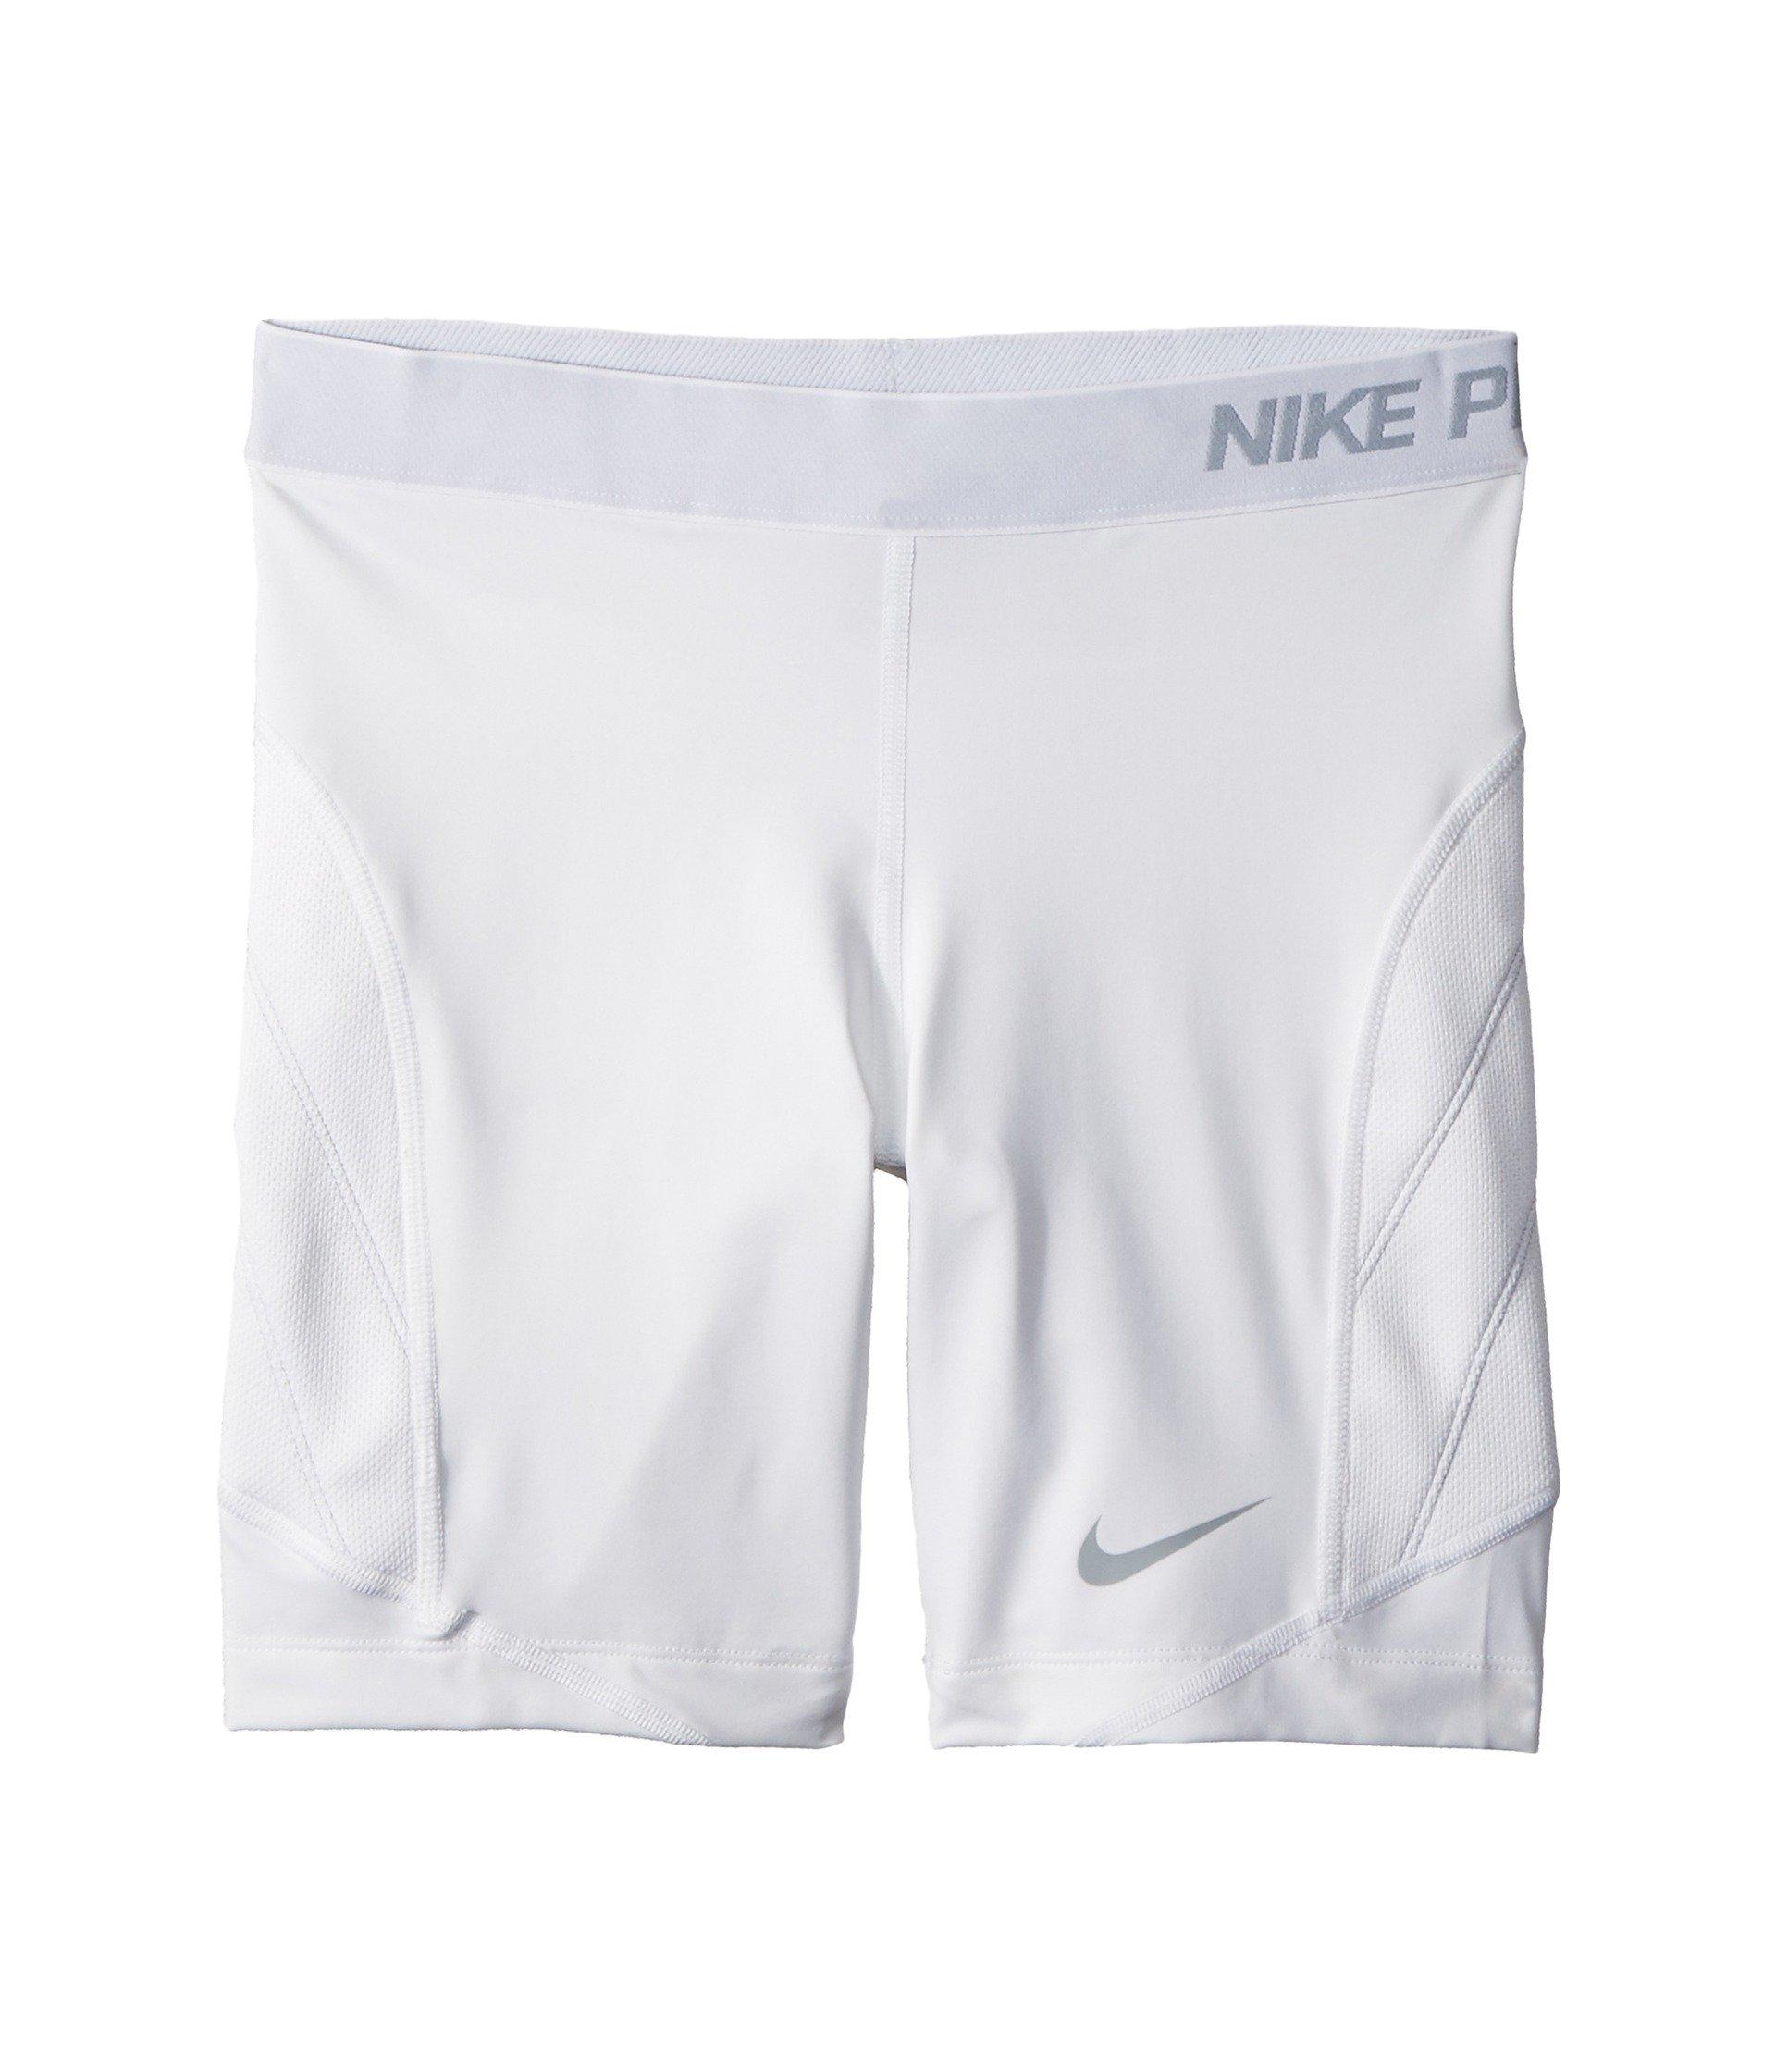 Nike Girls' Pro Sliding Shorts,(White/Wolf Grey,Large) by Nike